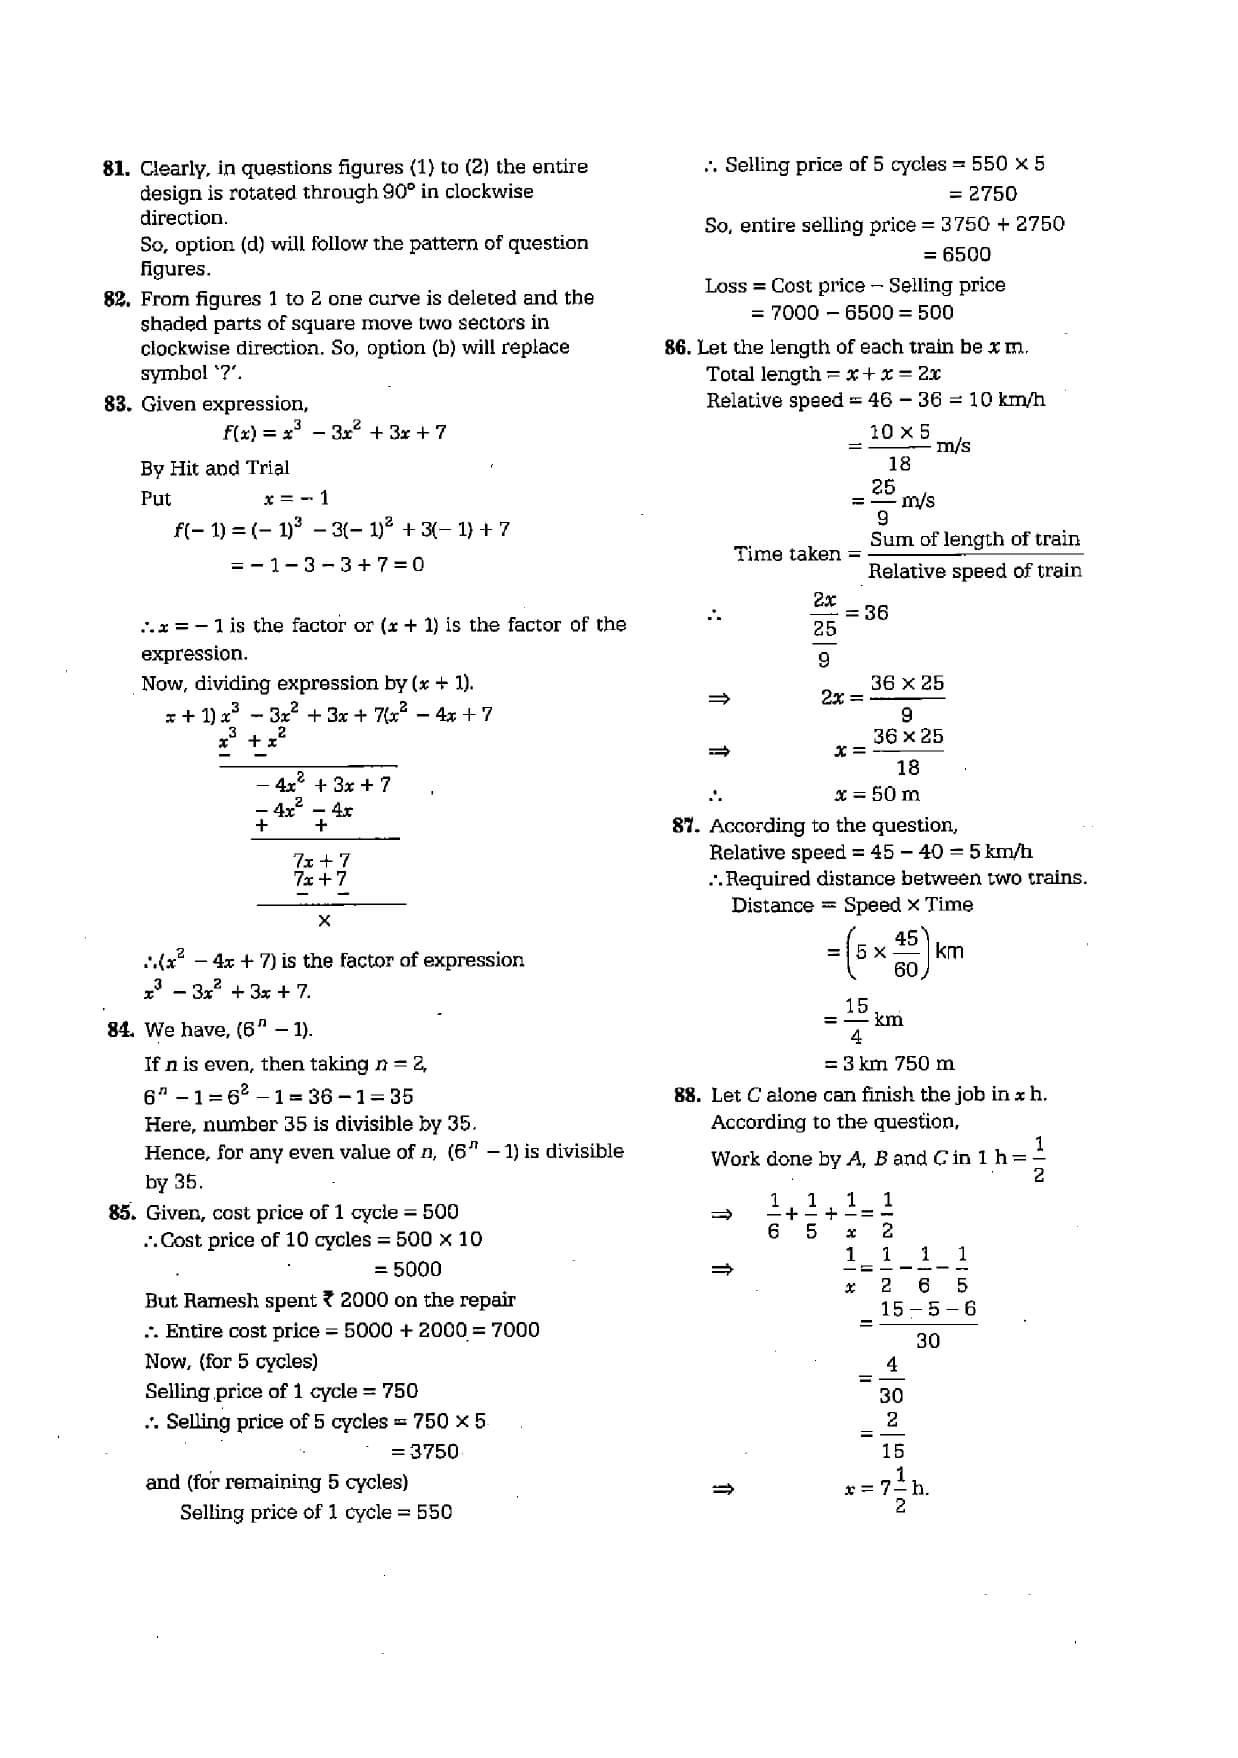 AFCAT 1 2020 Question Paper answer 10